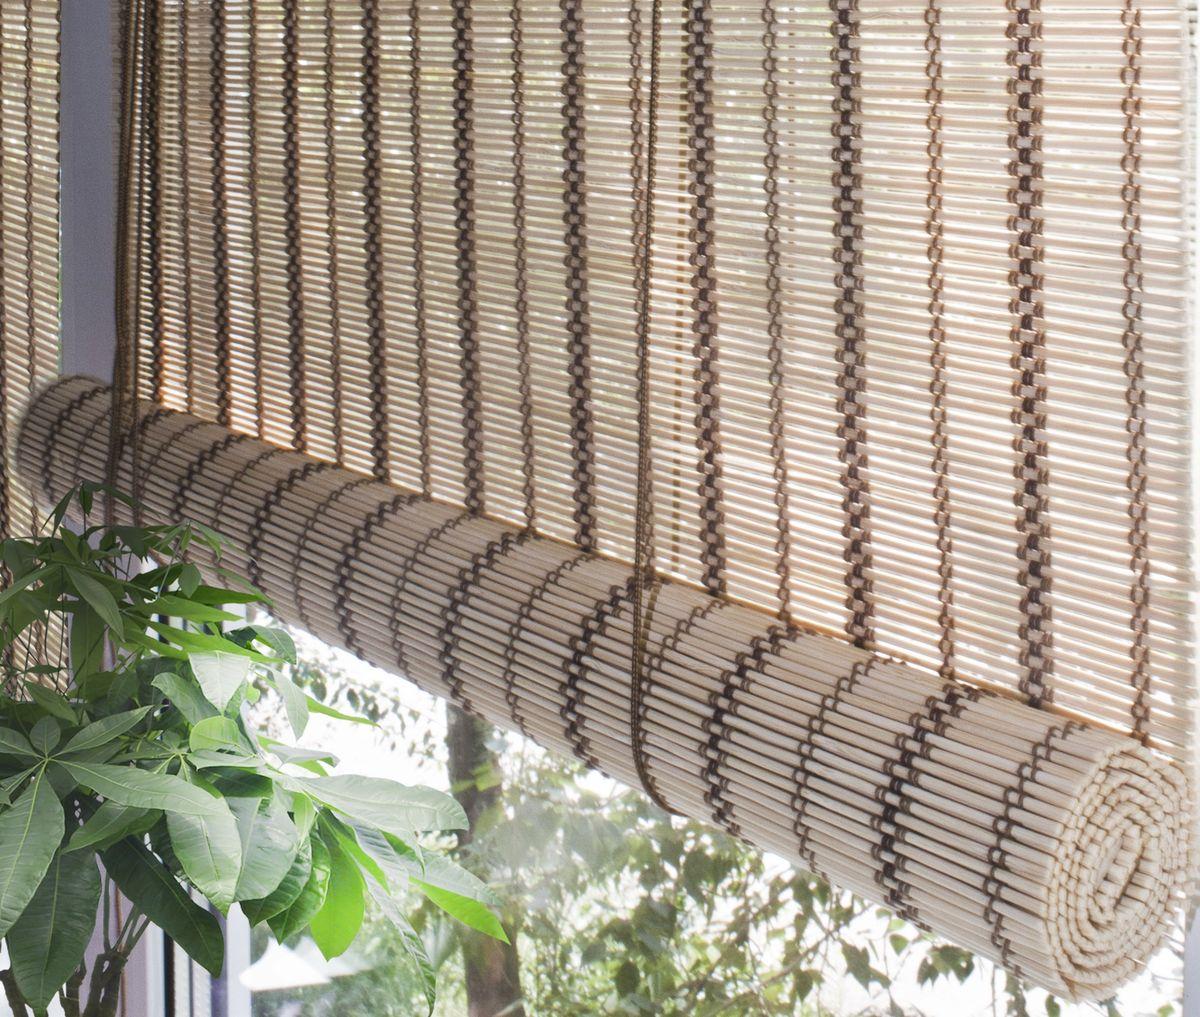 Штора рулонная Эскар Бамбук, цвет: золотой беж, ширина 120 см, высота 160 см804945130160При оформлении интерьера современных помещений многие отдают предпочтение природным материалам. Бамбуковые рулонные шторы - одно из натуральных изделий, способное сделать атмосферу помещения более уютной и в то же время необычной. Свойства бамбука уникальны: он экологически чист, так как быстро вырастает, благодаря чему не успевает накопить вредные вещества из окружающей среды. Кроме того, растение обладает противомикробным и антибактериальным действием. Занавеси из бамбука безопасно использовать в помещениях, где находятся новорожденные дети и люди, склонные к аллергии. Они незаменимы для тех, кто заботится о своем здоровье и уделяет внимание высокому уровню жизни.Бамбуковые рулонные шторы представляют собой полотно, состоящее из тонких бамбуковых стеблей и сворачиваемое в рулон.Римские бамбуковые шторы, как и тканевые римские шторы, при поднятии образуют крупные складки, которые прекрасно декорируют окно.Особенность устройства полотна позволяет свободно пропускать дневной свет, что обеспечивает мягкое освещение комнаты. Это натуральный влагостойкий материал, который легко вписывается в любой интерьер, хорошо сочетается с различной мебелью и элементами отделки. Использование бамбукового полотна придает помещению необычный вид и визуально расширяет пространство.Помимо внешней красоты, это еще и очень удобные конструкции, экономящие пространство. Изготавливаются они из специальных материалов, устойчивых к внешним воздействиям. Сама штора очень эргономичная, и позволяет изменять визуально пространство в зависимости от потребностей владельца.